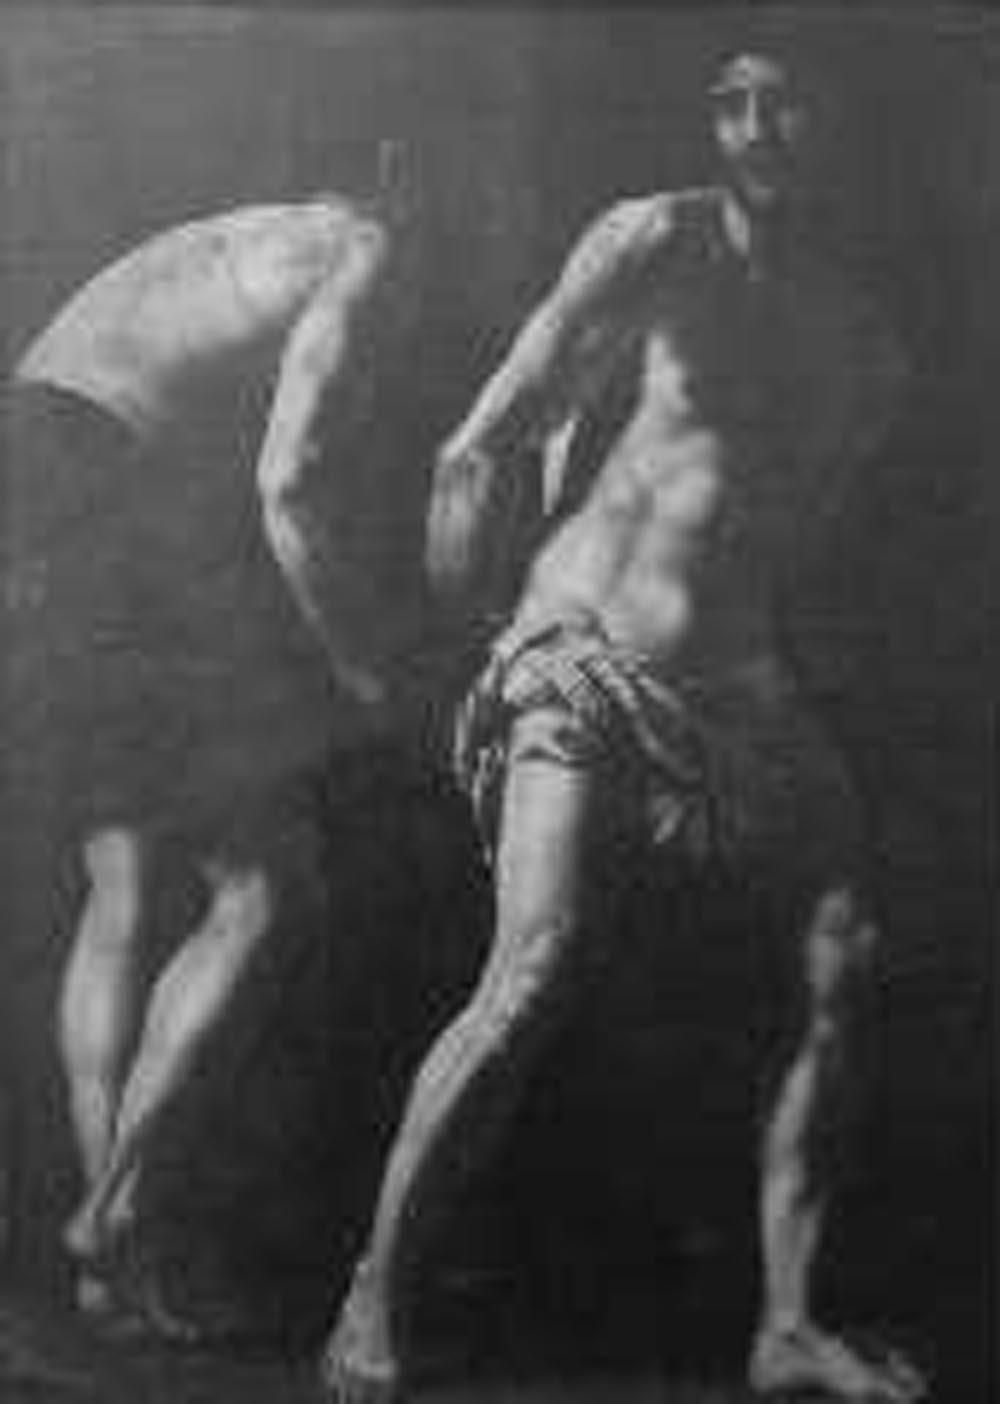 Cristo alla colonna (dipinto) di Caracciolo Giovan Battista detto Battistello (primo quarto sec. XVII)